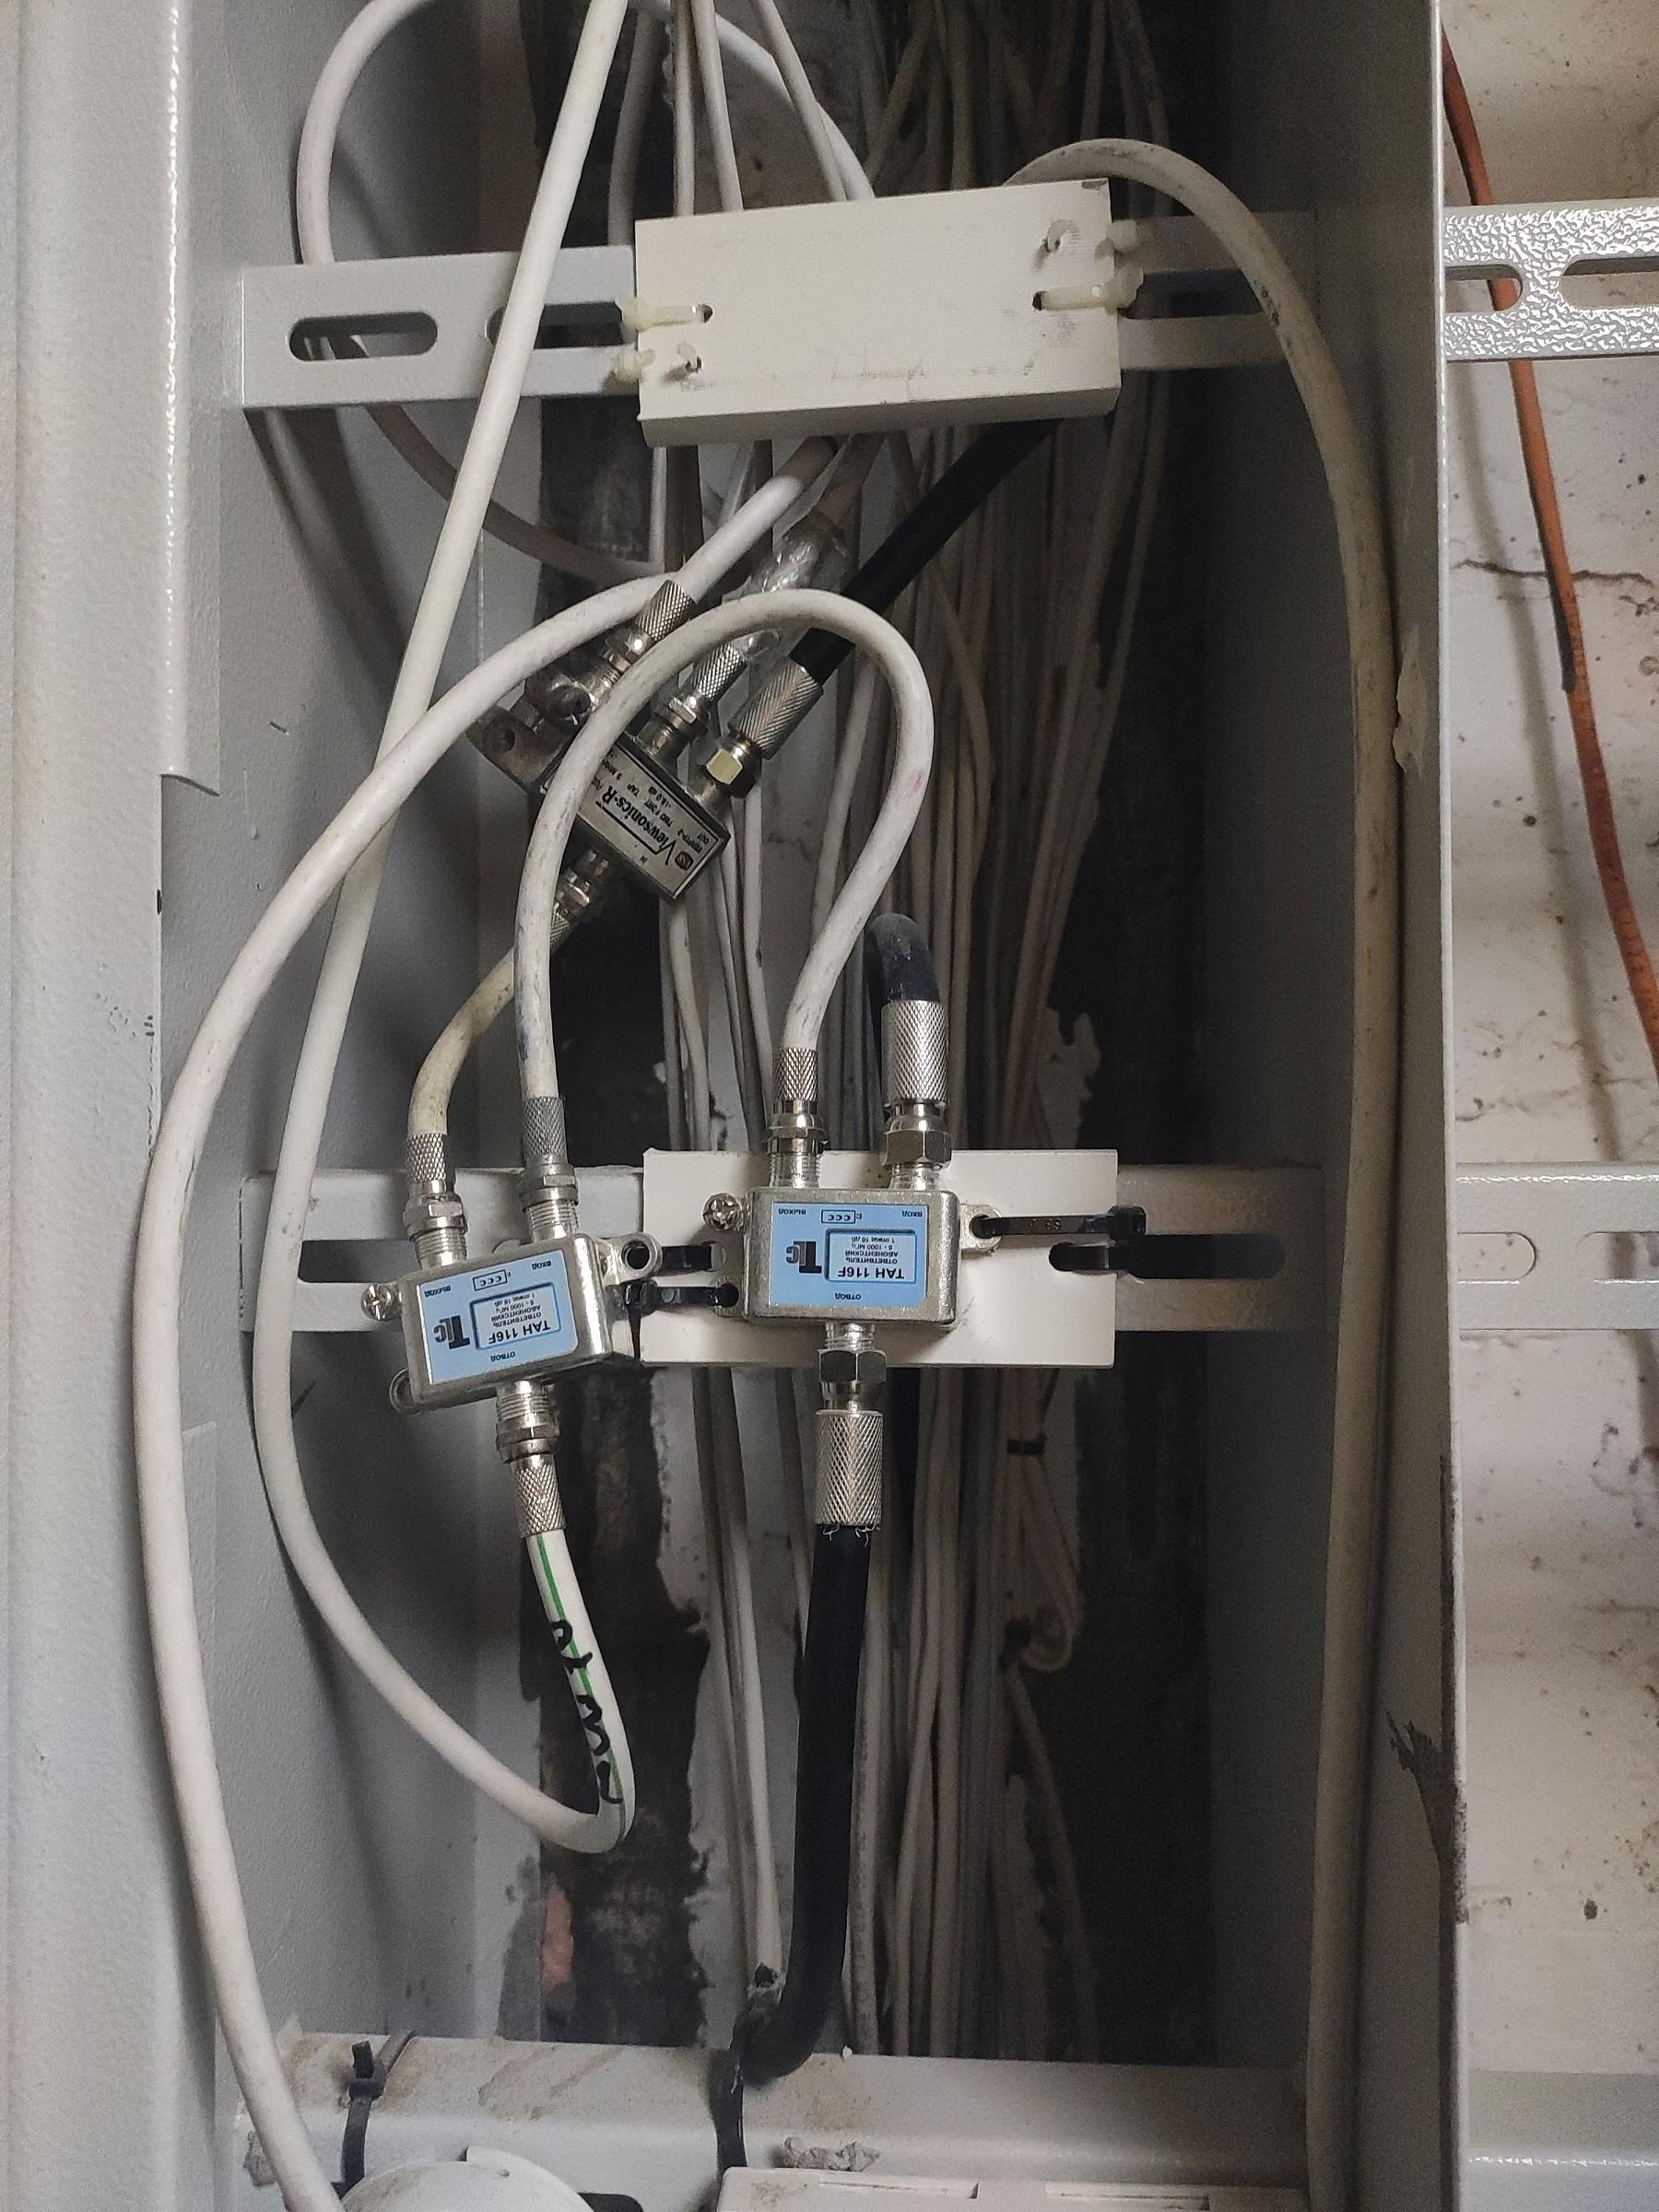 ремонт тв кабеля в квартире